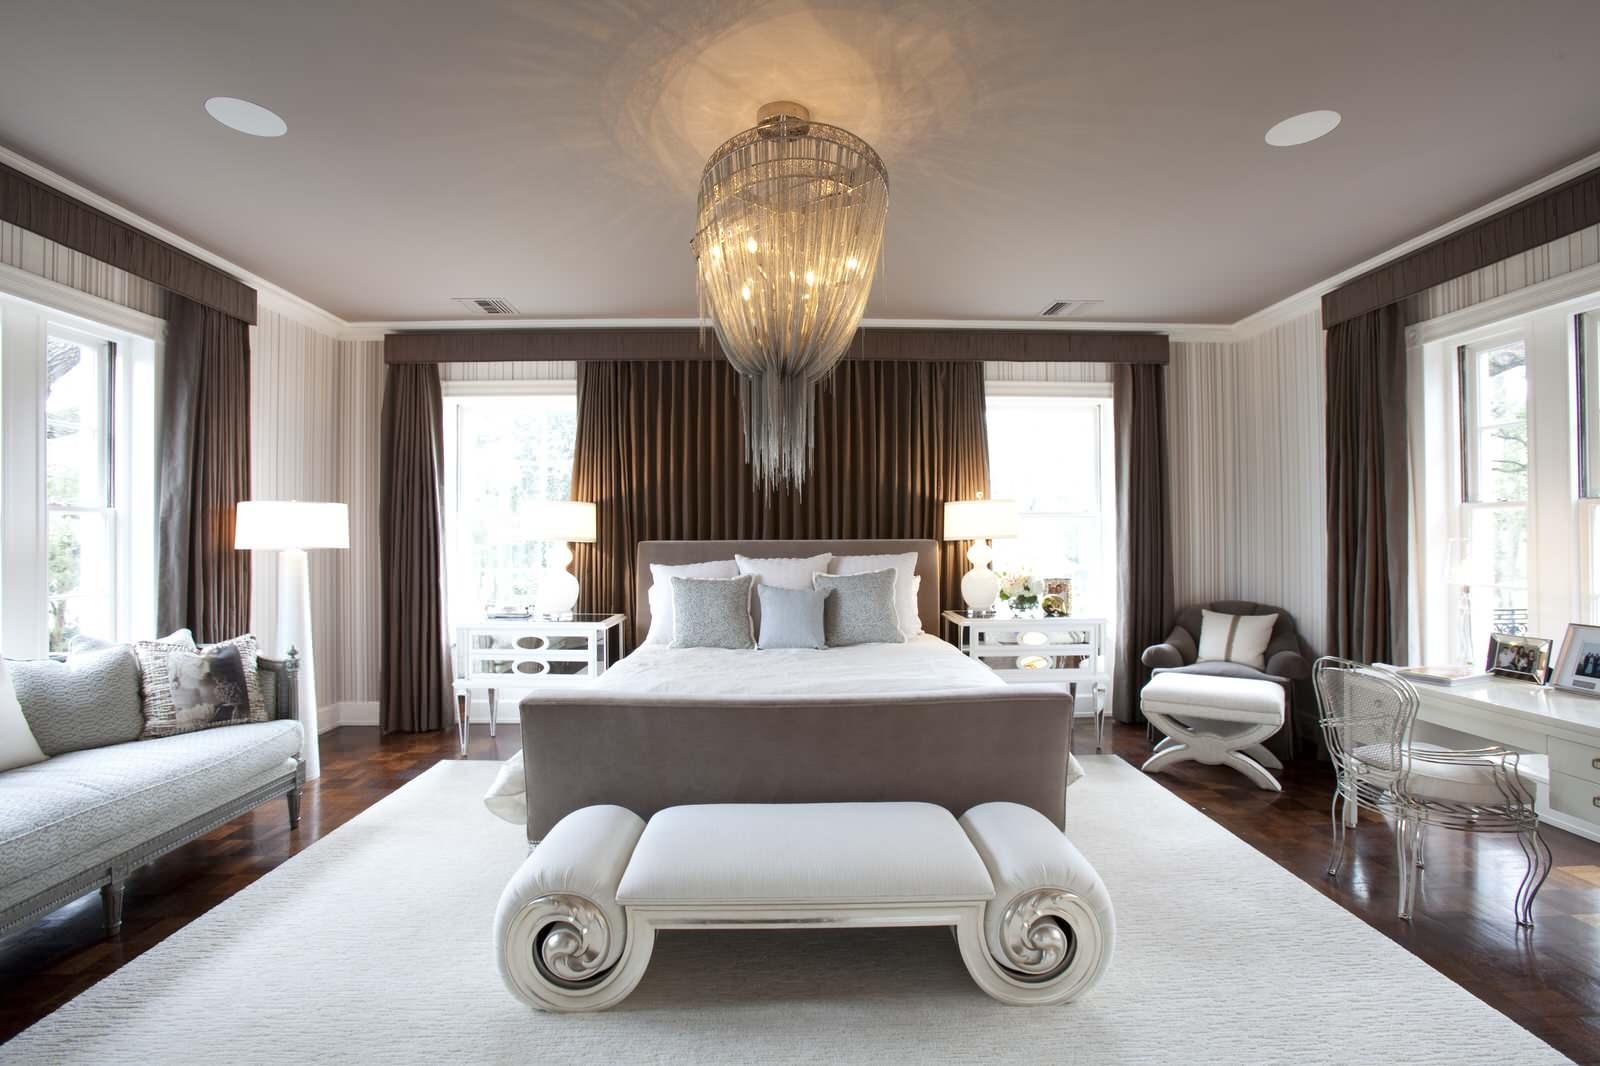 Рабочее место и диван в спальне